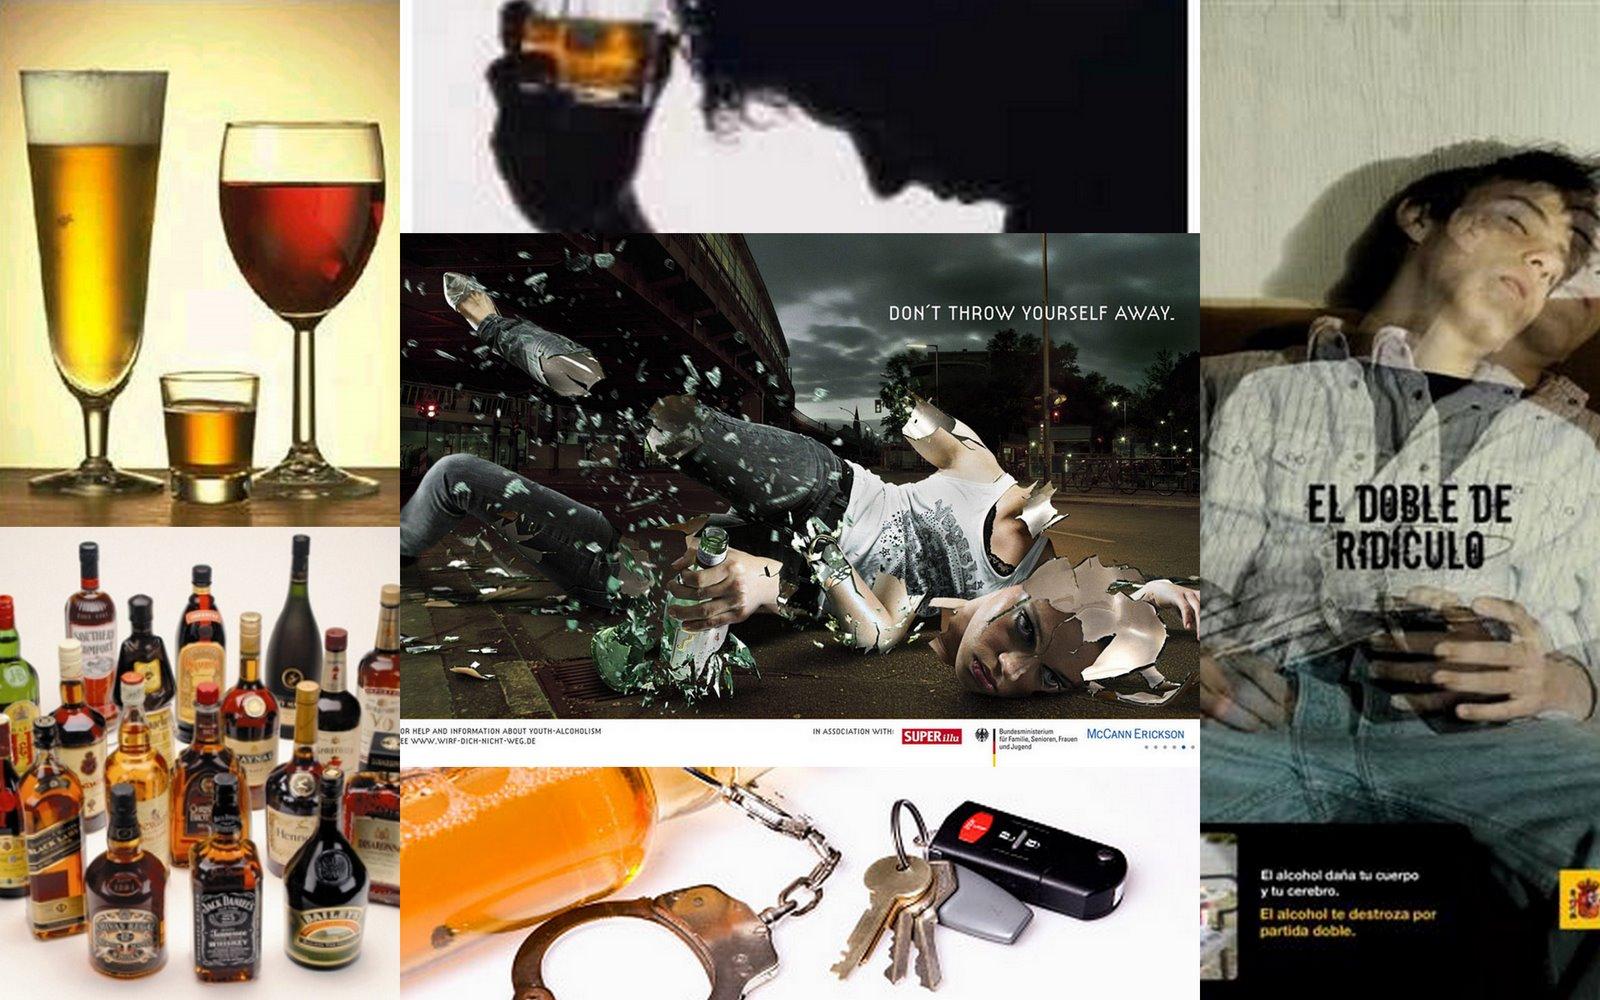 Los medios de atar con el alcohol